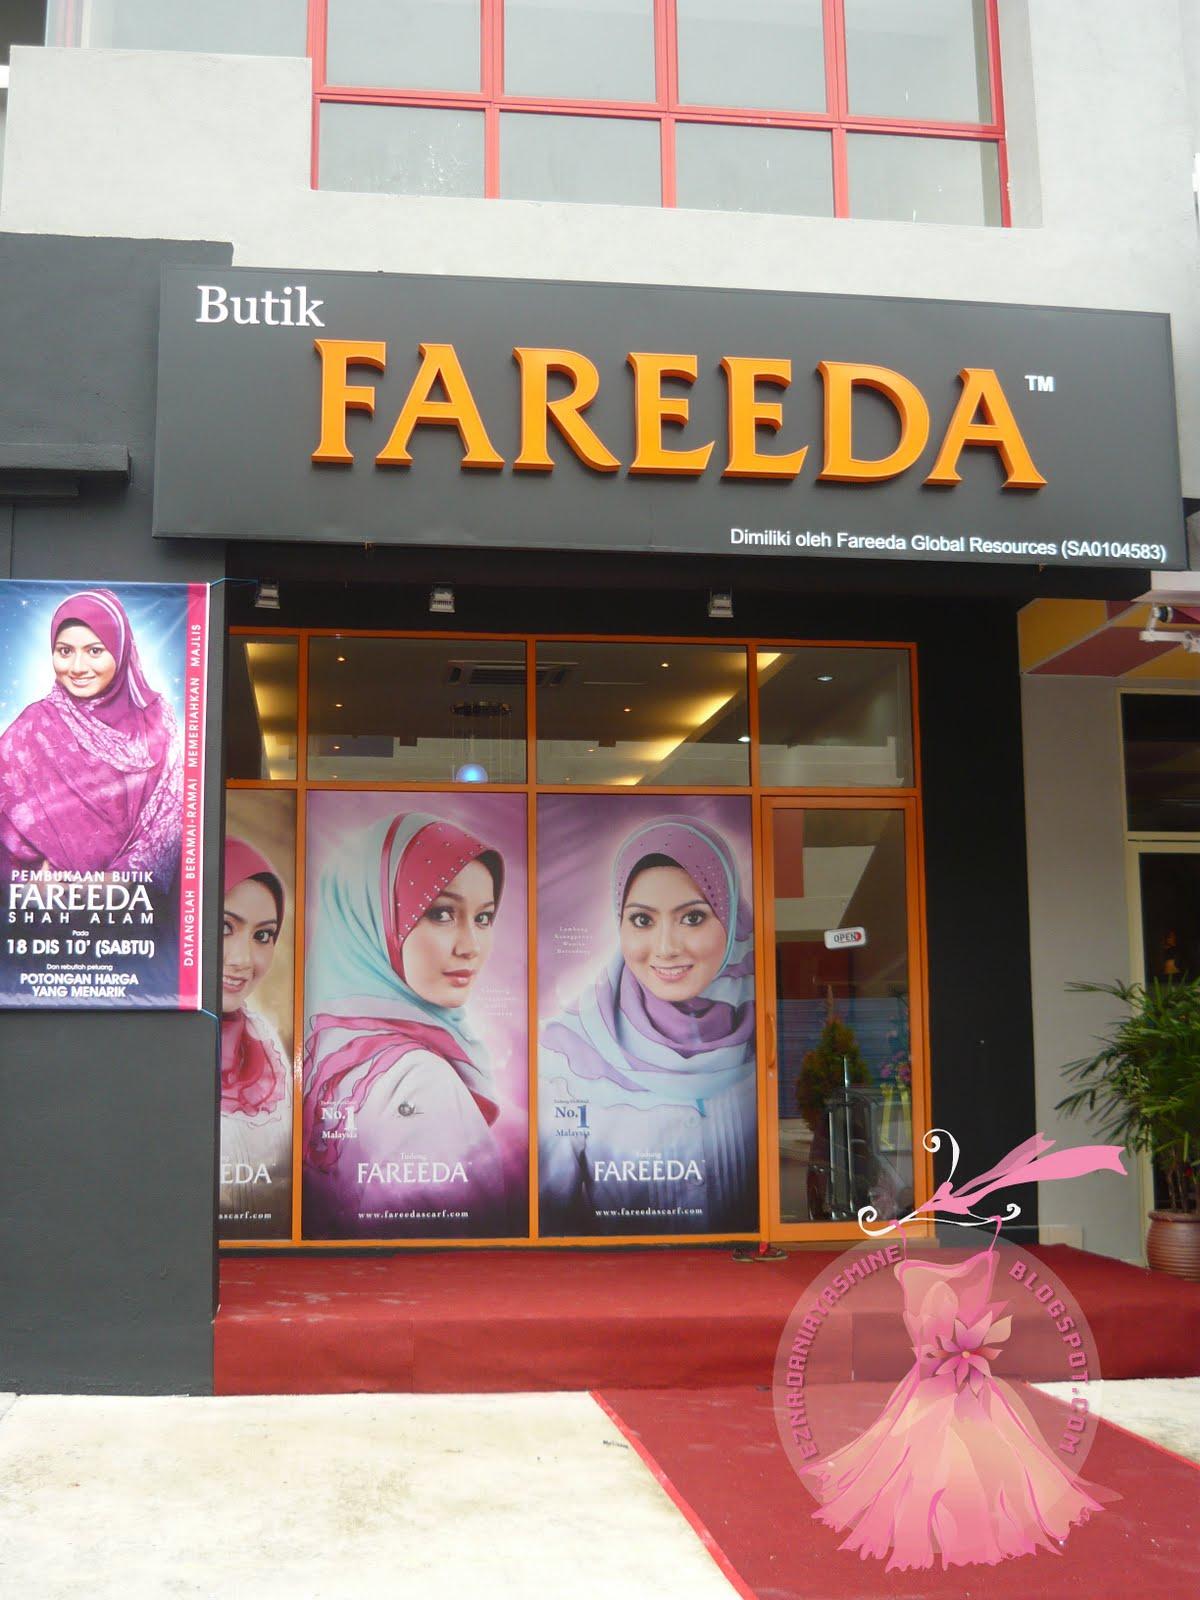 Butik Fareeda di Sekyen 7 Shah Alam